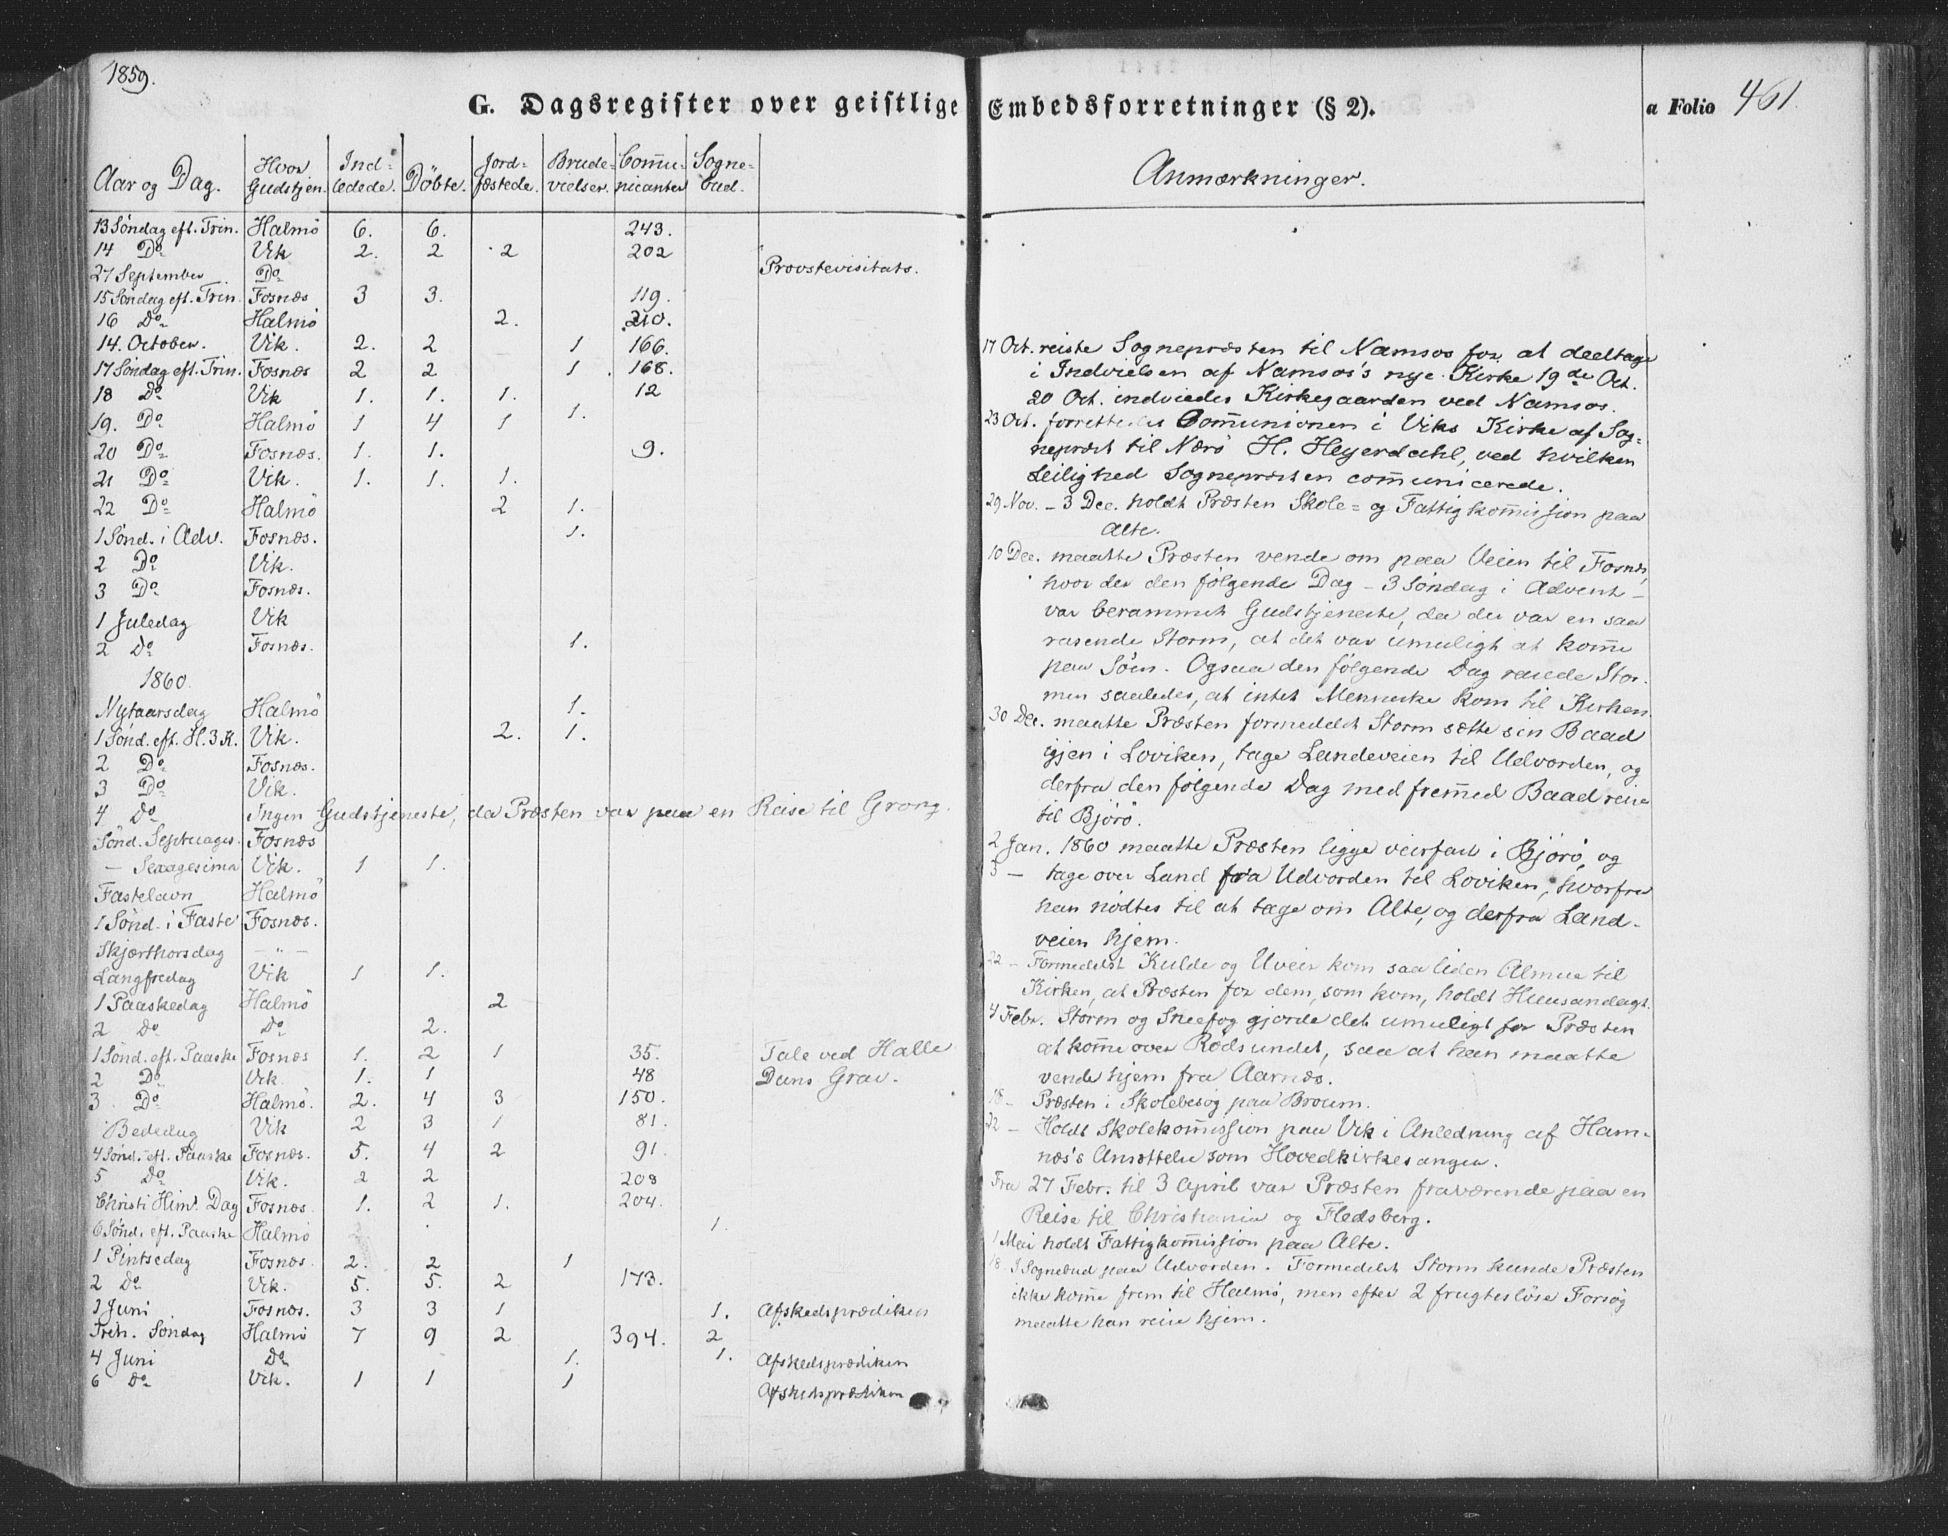 SAT, Ministerialprotokoller, klokkerbøker og fødselsregistre - Nord-Trøndelag, 773/L0615: Ministerialbok nr. 773A06, 1857-1870, s. 461